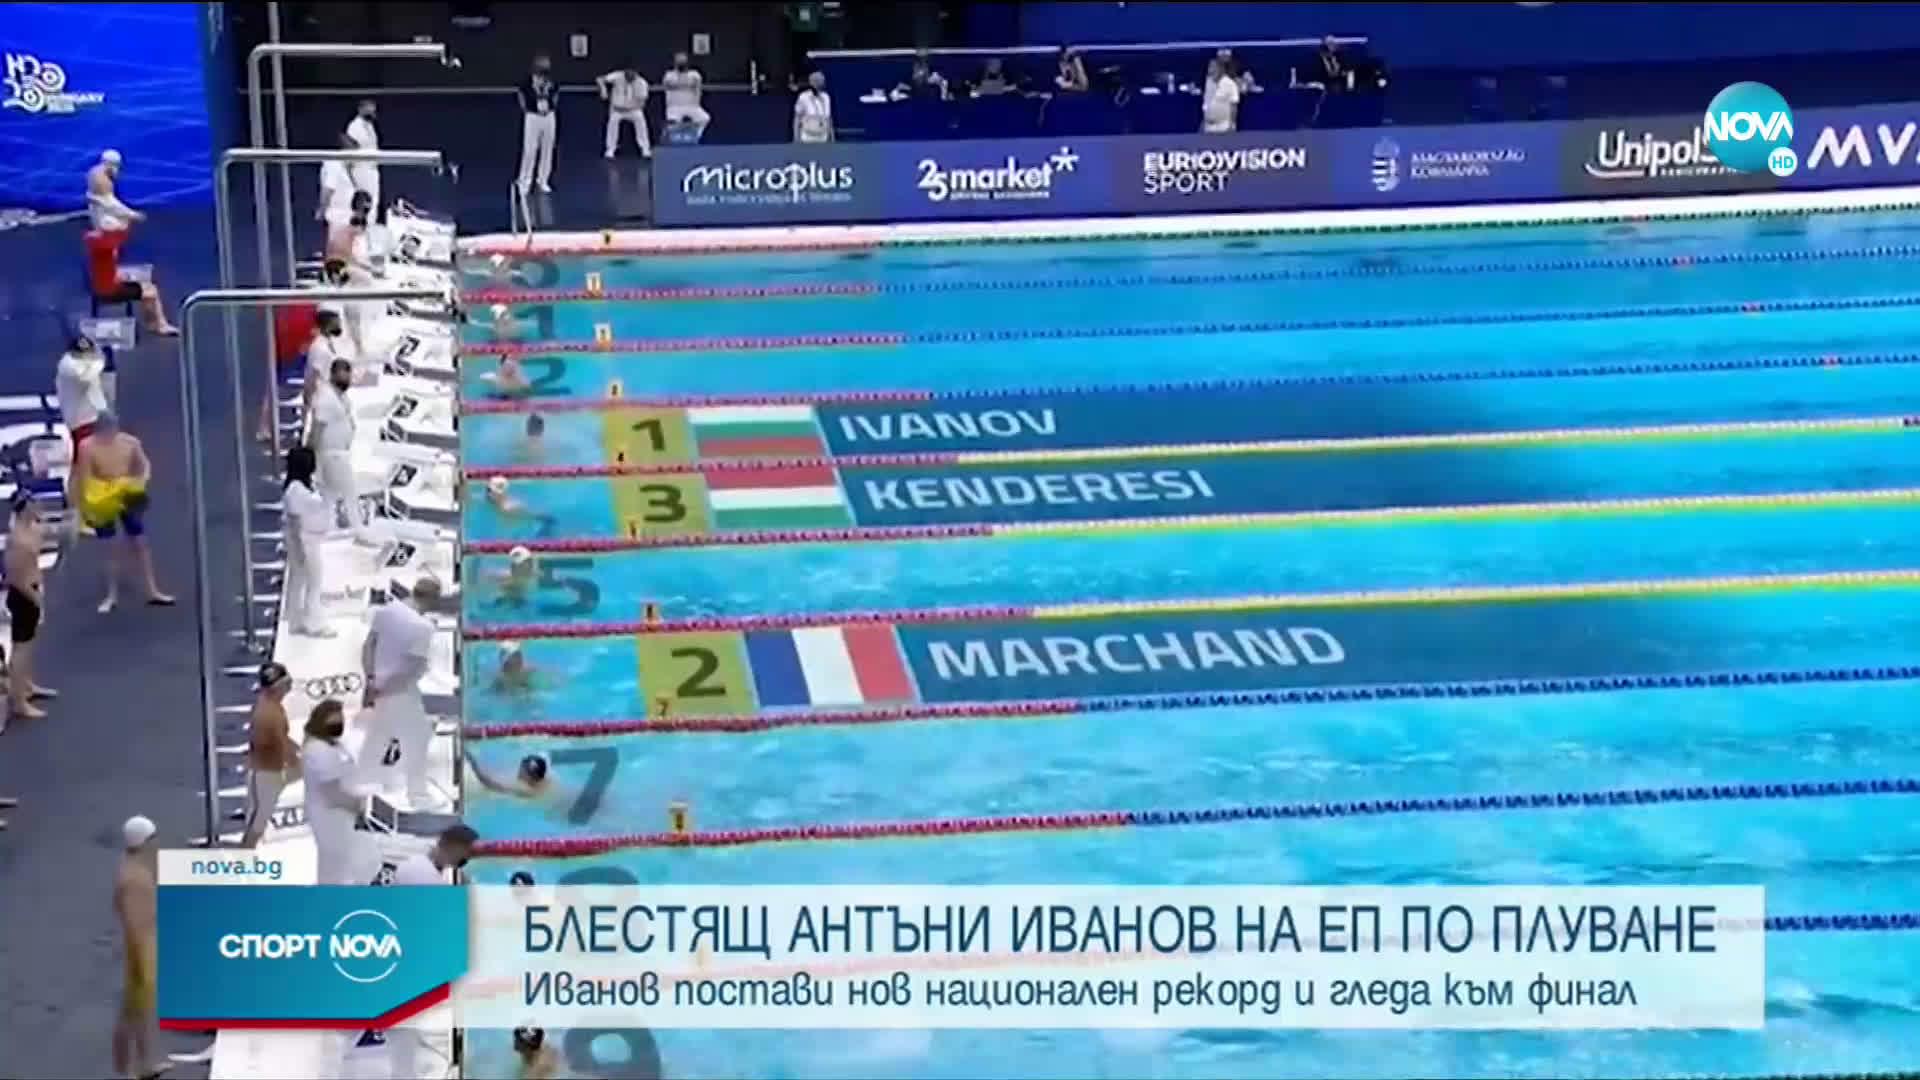 Антъни Иванов на финал на Европейското първенство по плуване